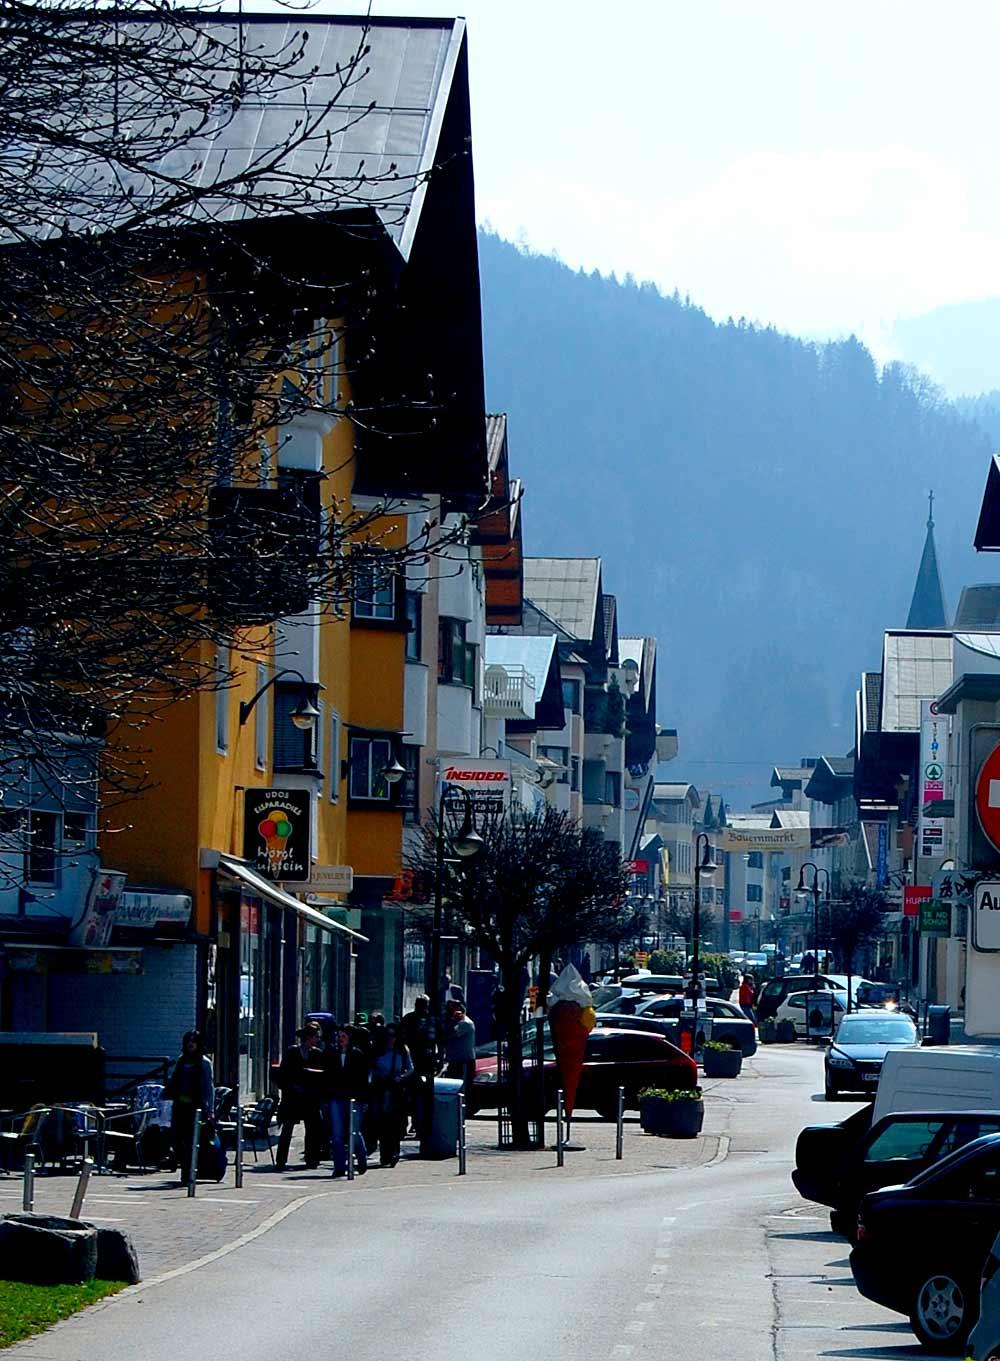 Die Bahnhofstraße in Wörgl mit zahlreichen Geschäften